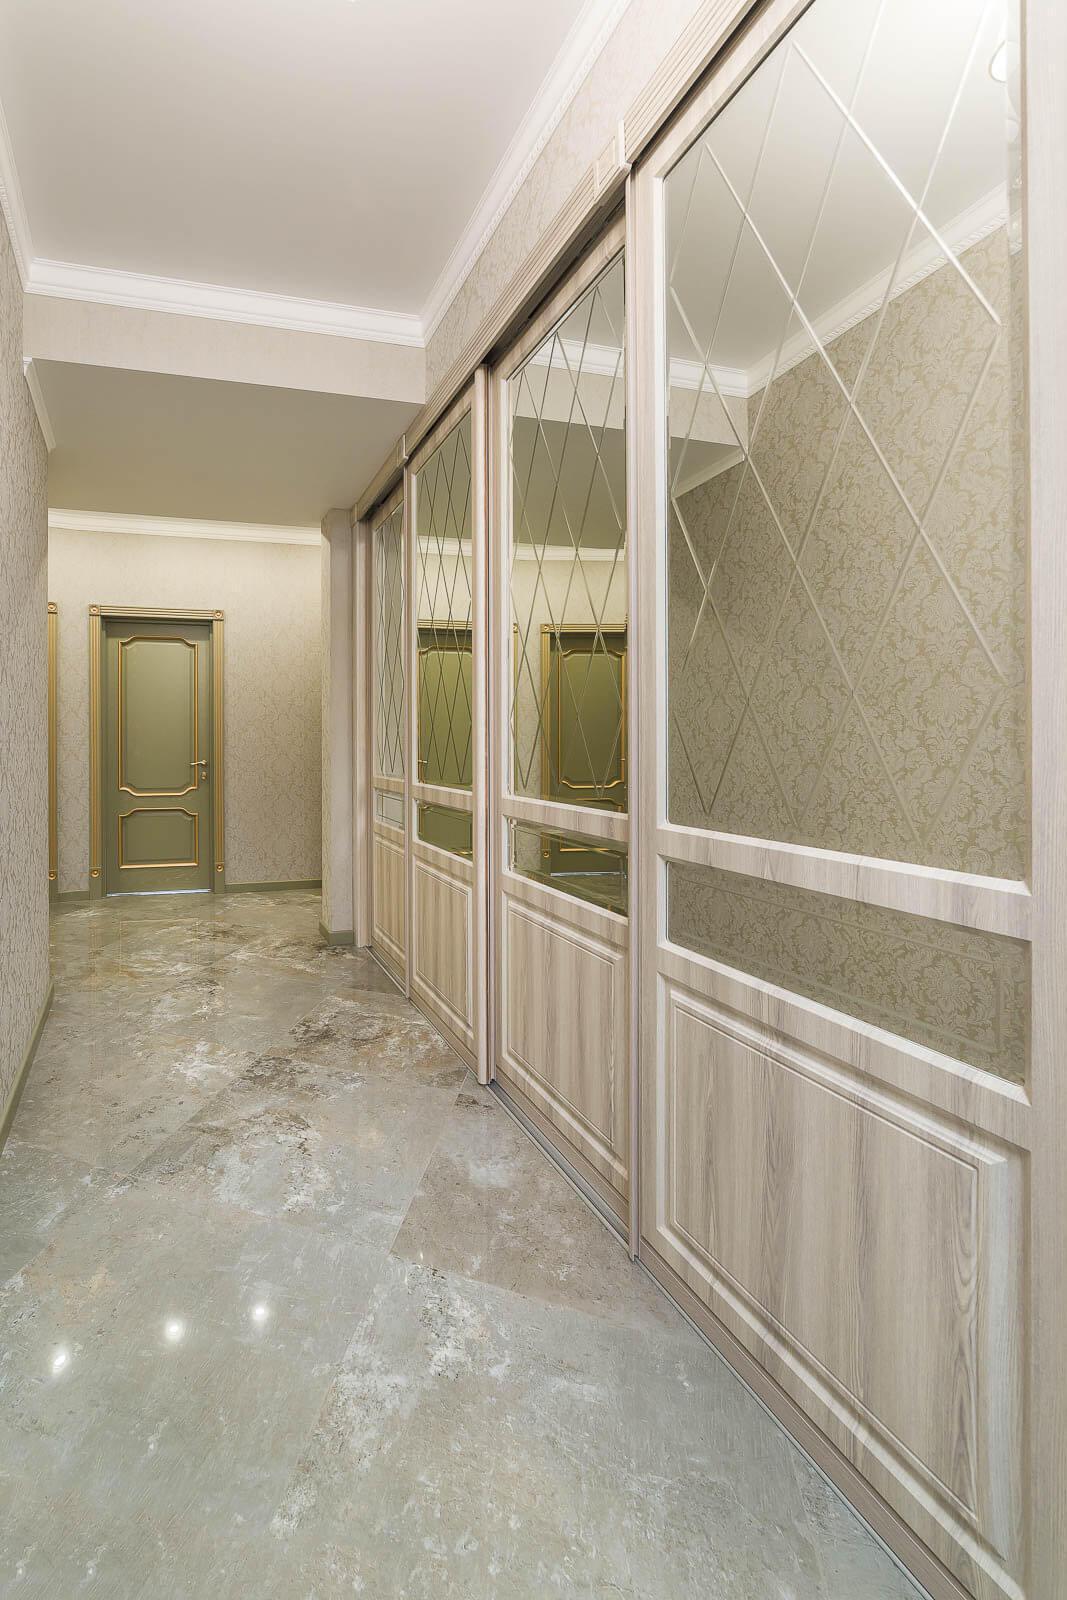 Элитные 3-х комнатные апартаменты в центре Сочи - image Elitnye-3-h-komnatnye-apartamenty-v-tsentre-Sochi-7 on https://bizneskvartal.ru